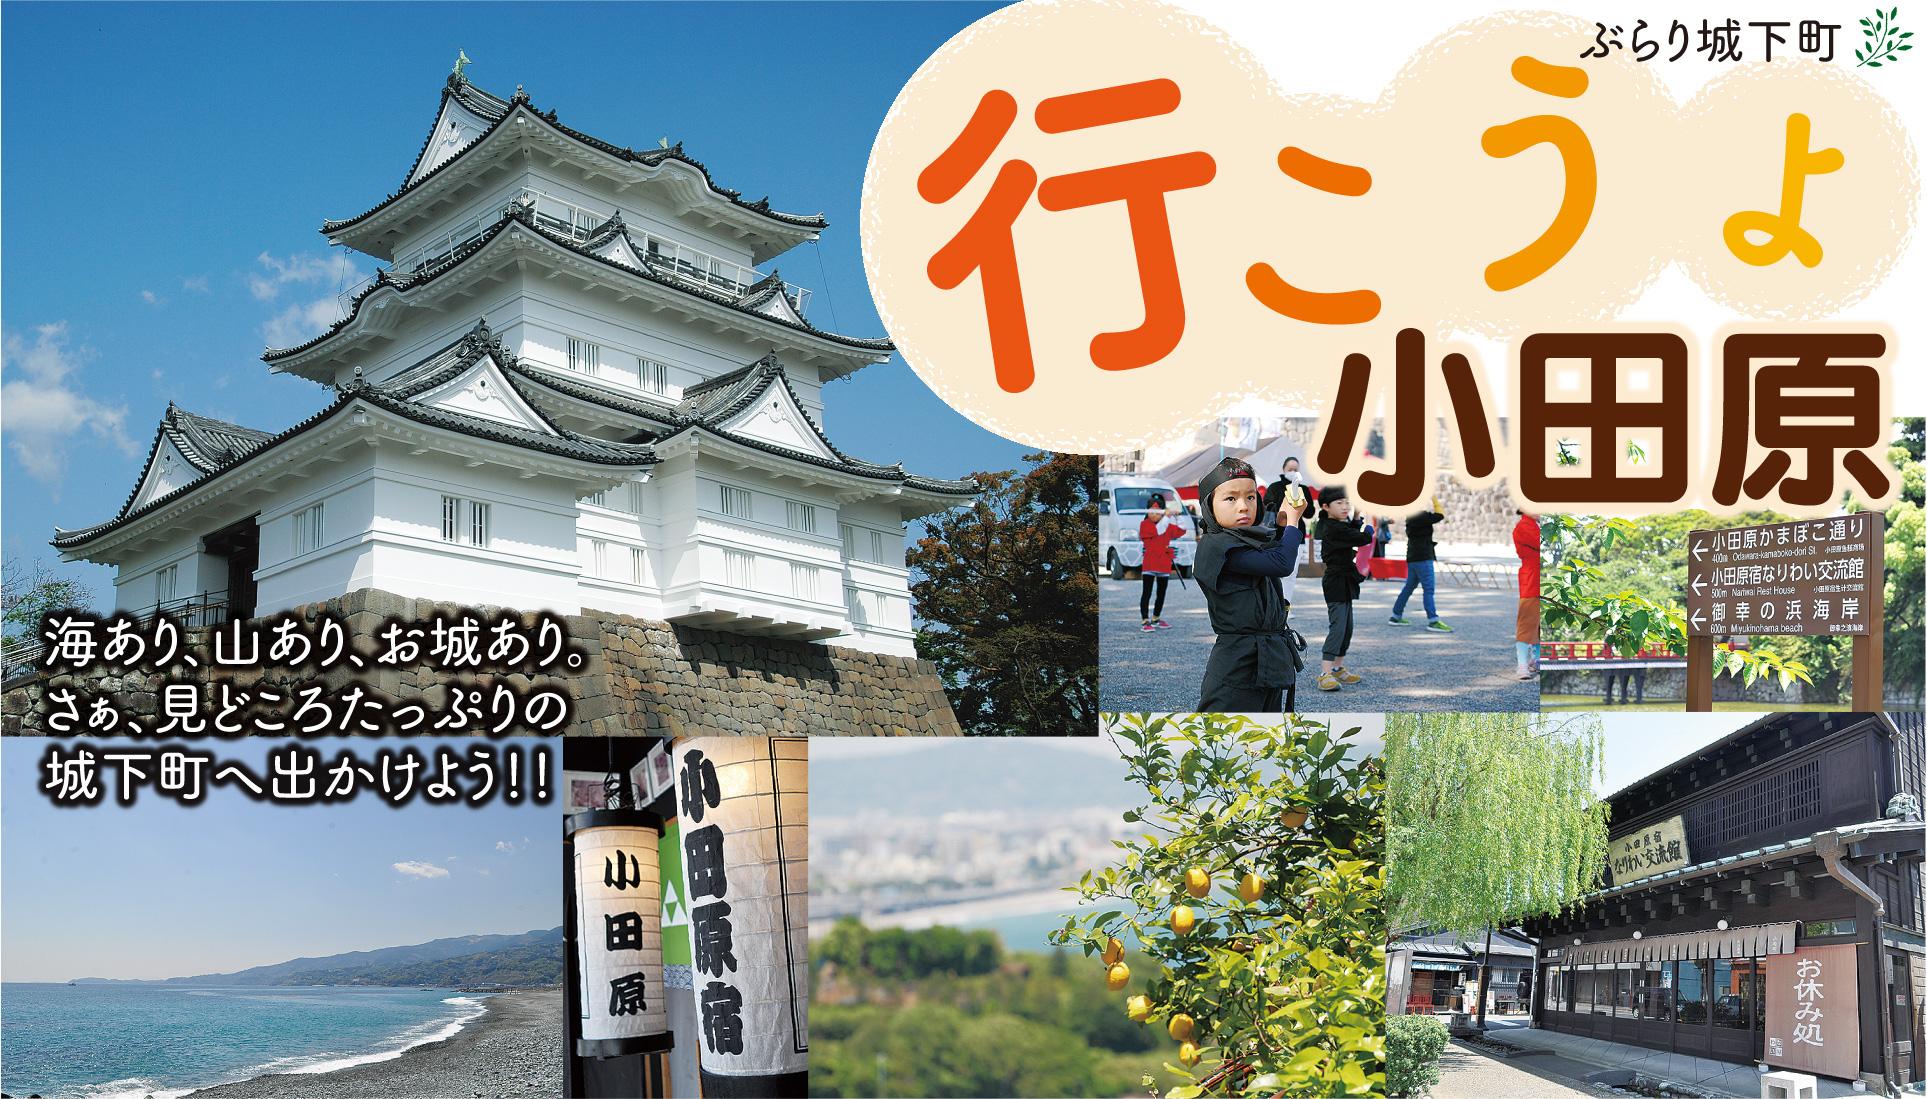 タウンニュース発信!箱根応援企画「行こうよ箱根」